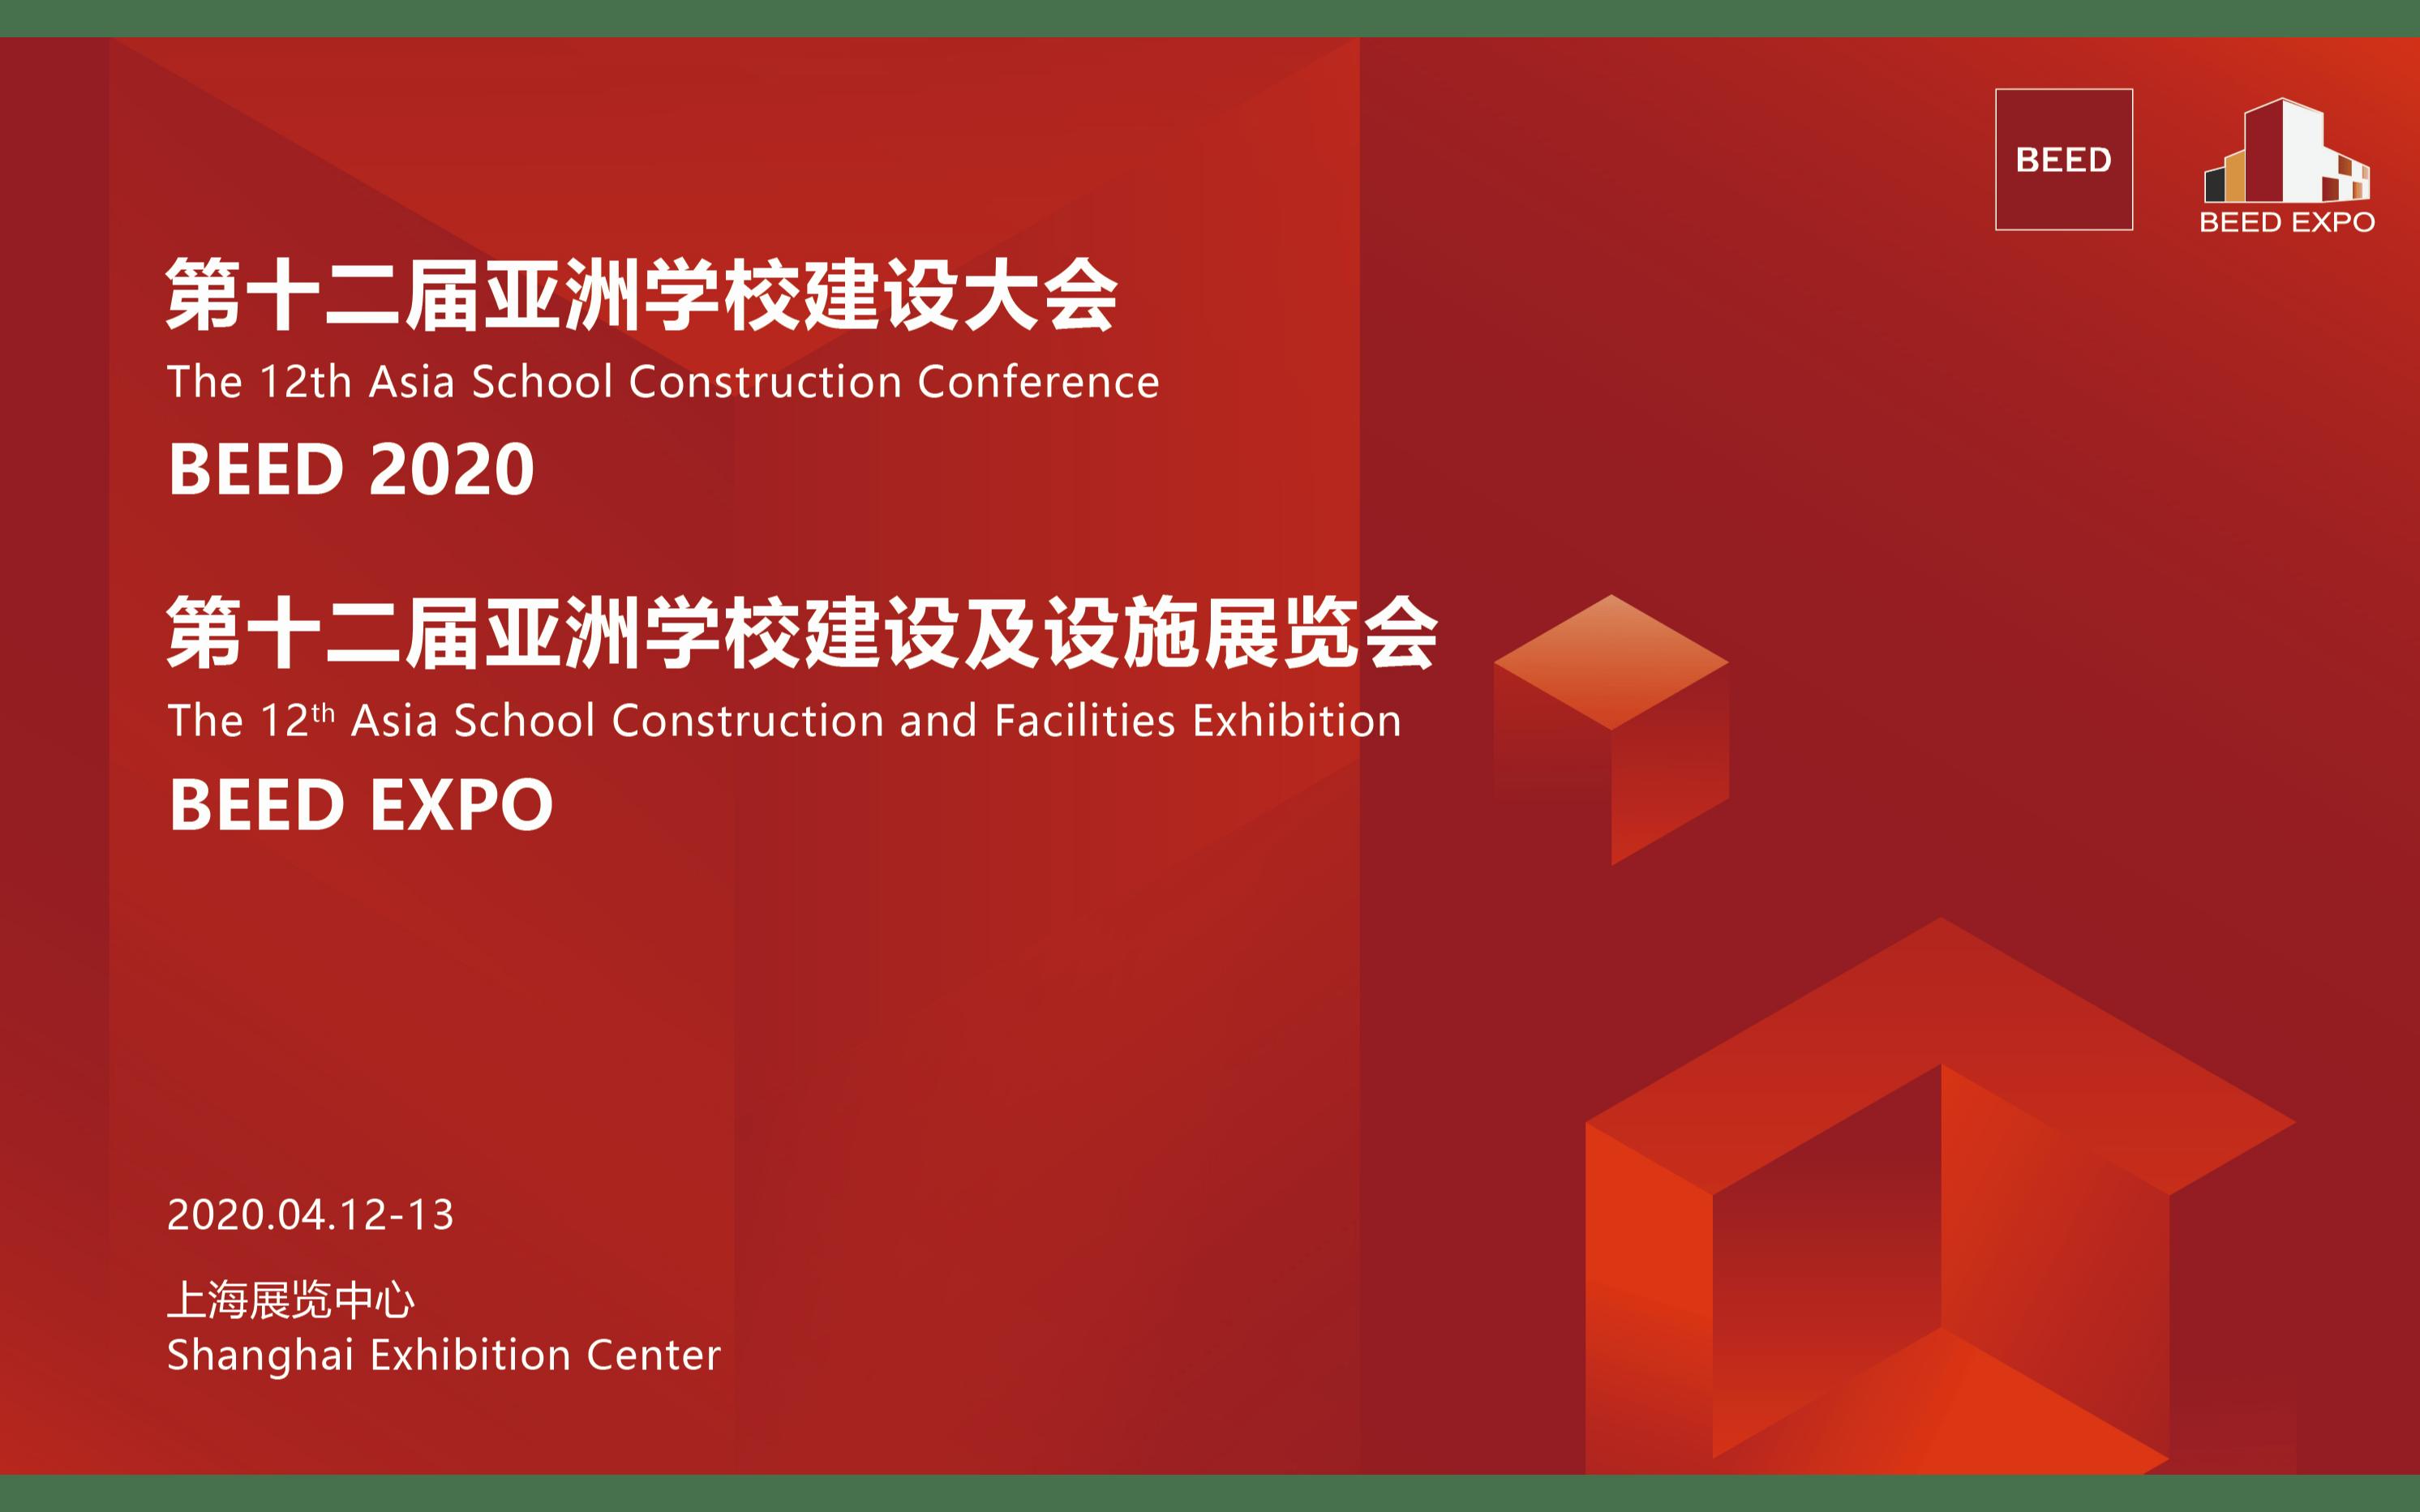 BEED 2020亚洲学校建设大会暨亚洲学校建设及设施展览会(上海)